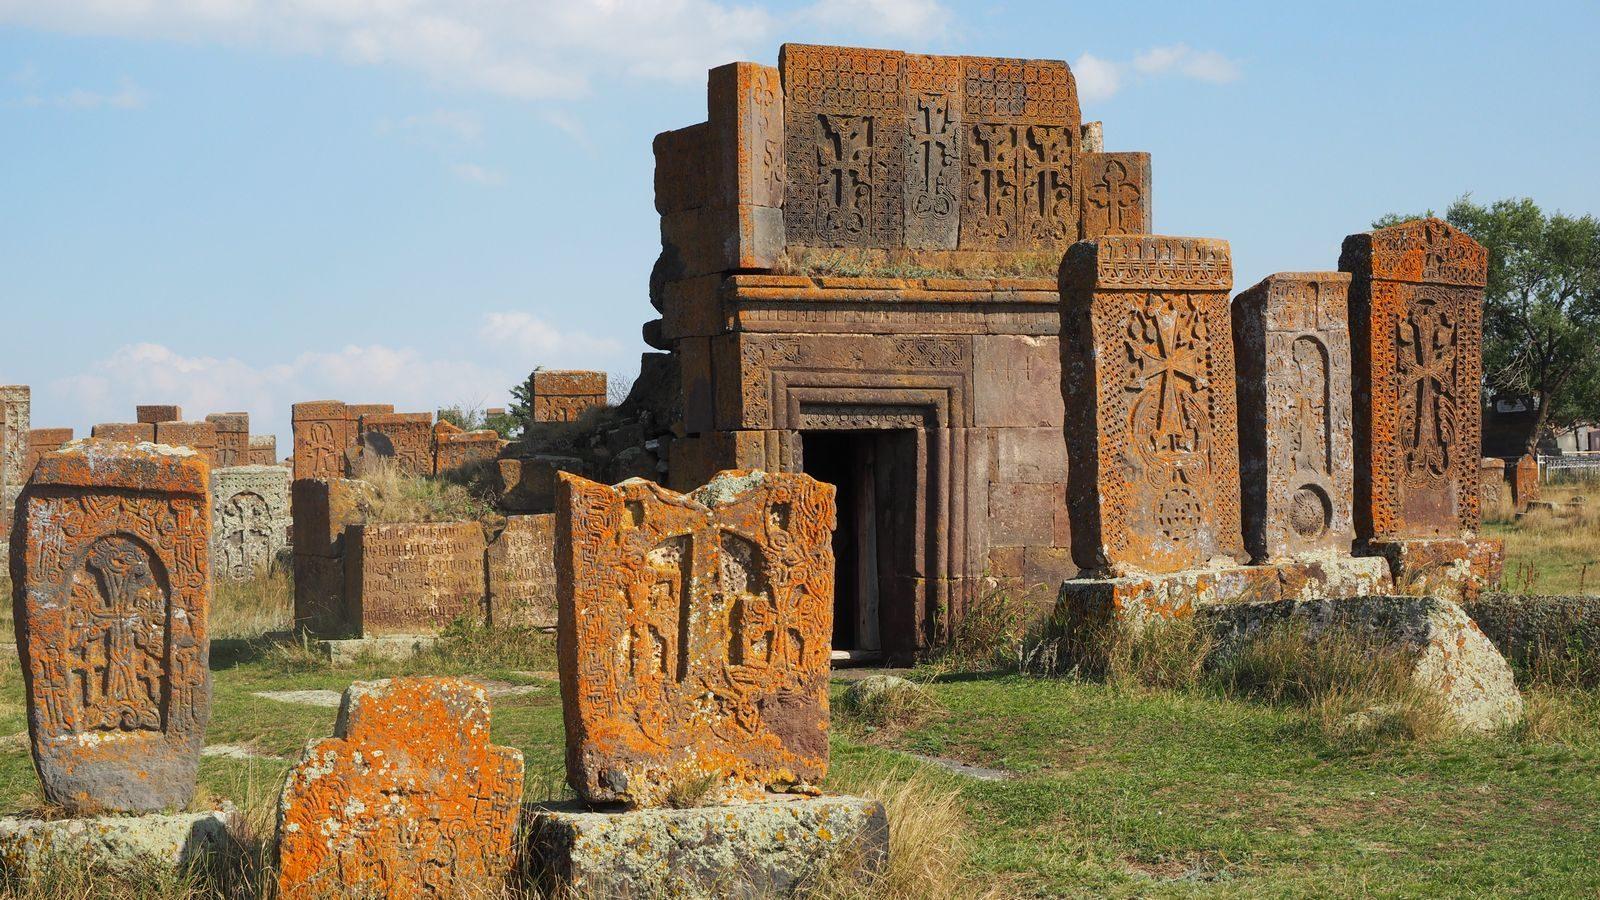 Radreise Armenien - Kreuzsteine am Friedhof von Noratus